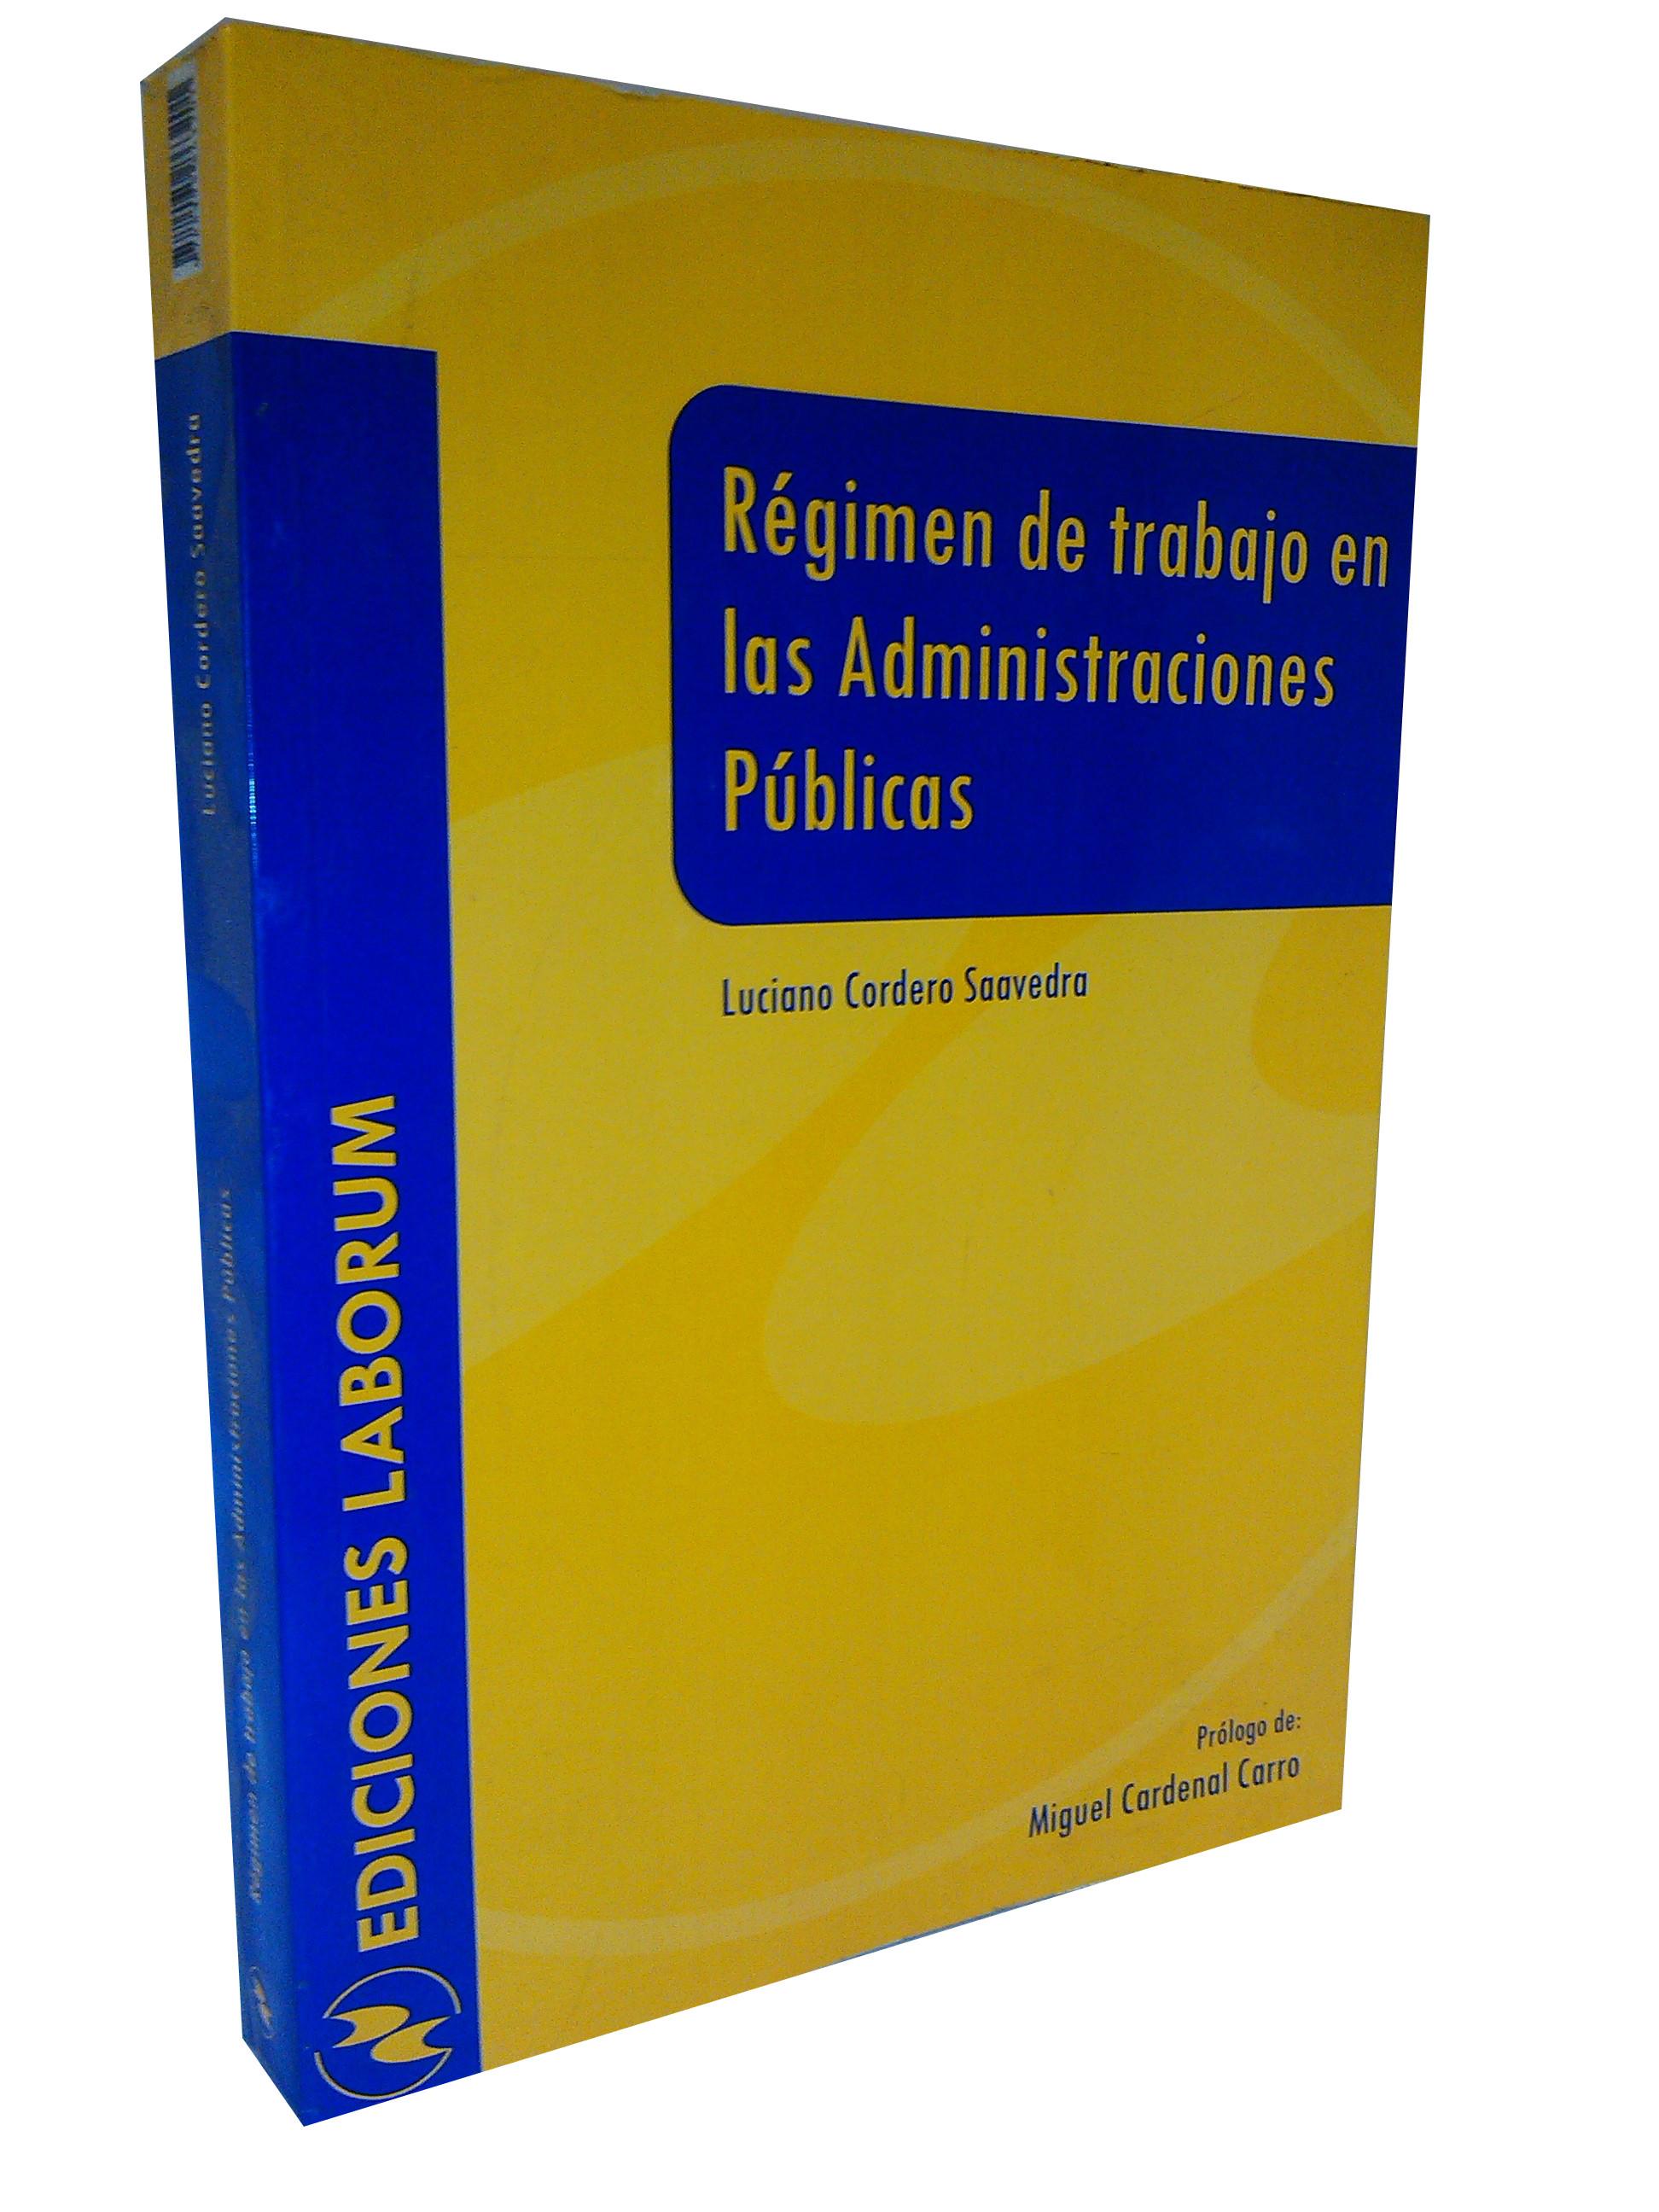 Régimen de trabajo en las Administraciones Públicas